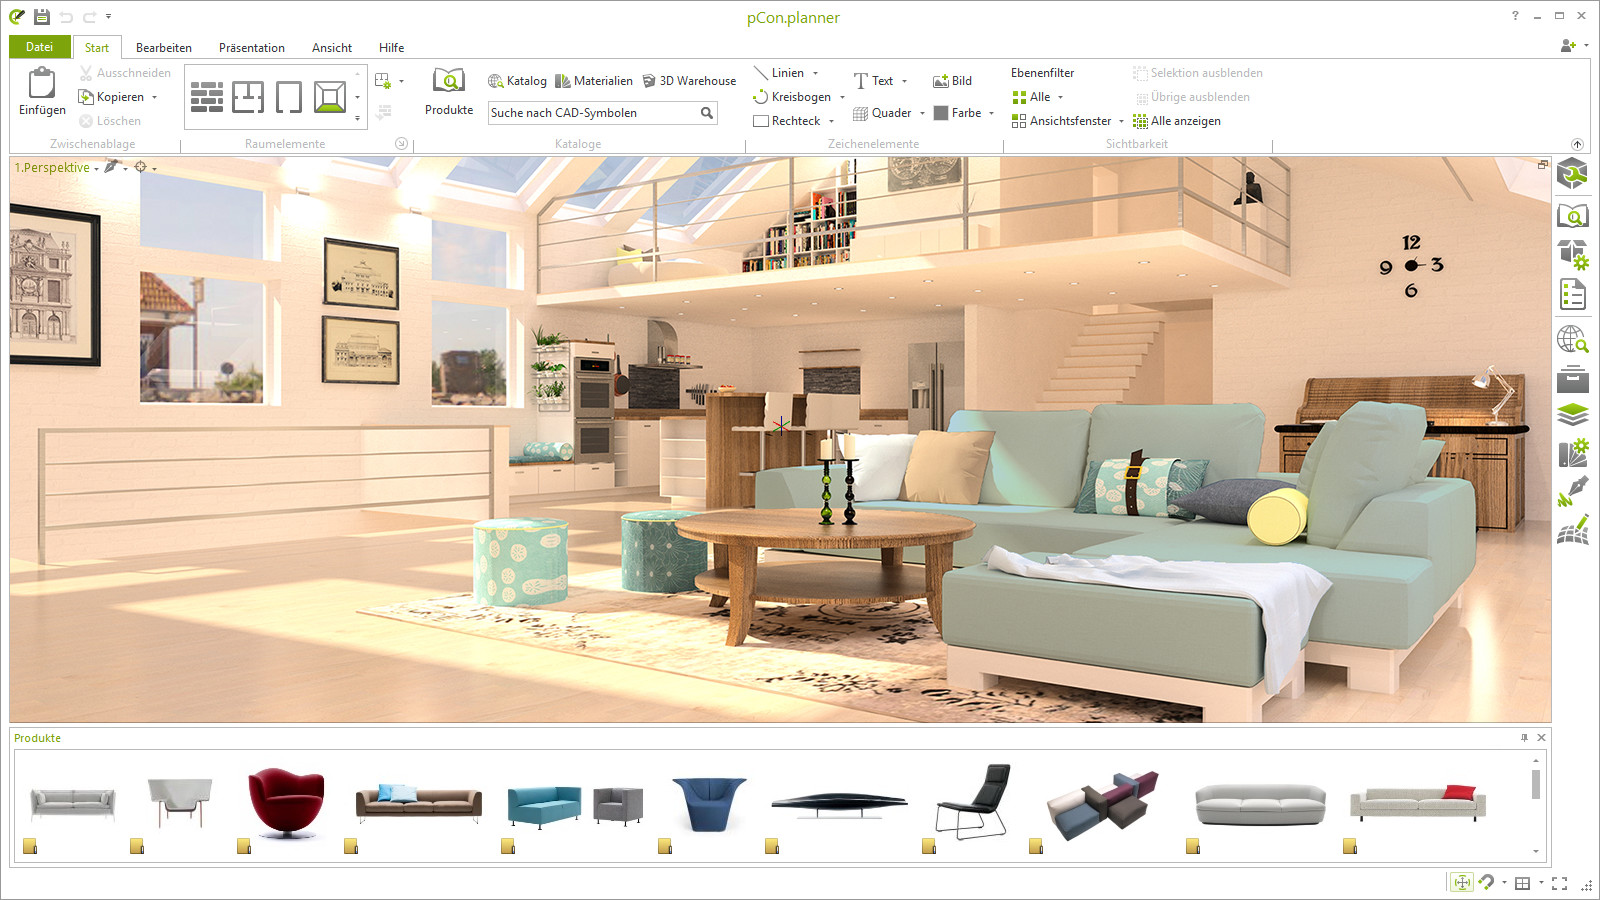 Screenshot 1 - pCon.planner